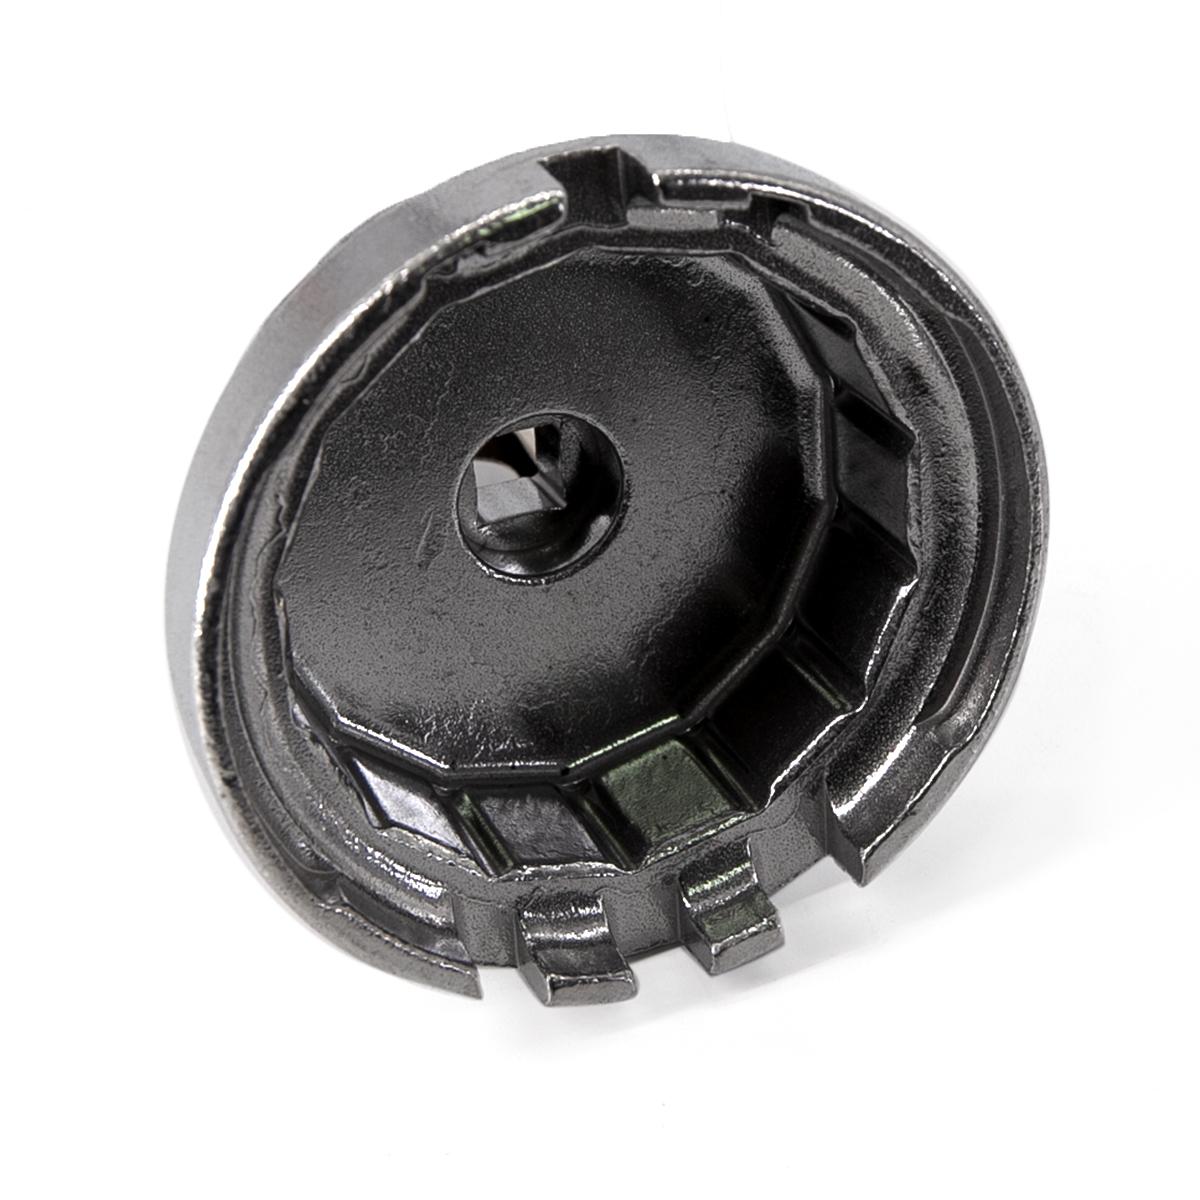 Ключ масляного фильтра Toyota / Lexus 64,5 мм 14 гр Car-Tool CT-1713